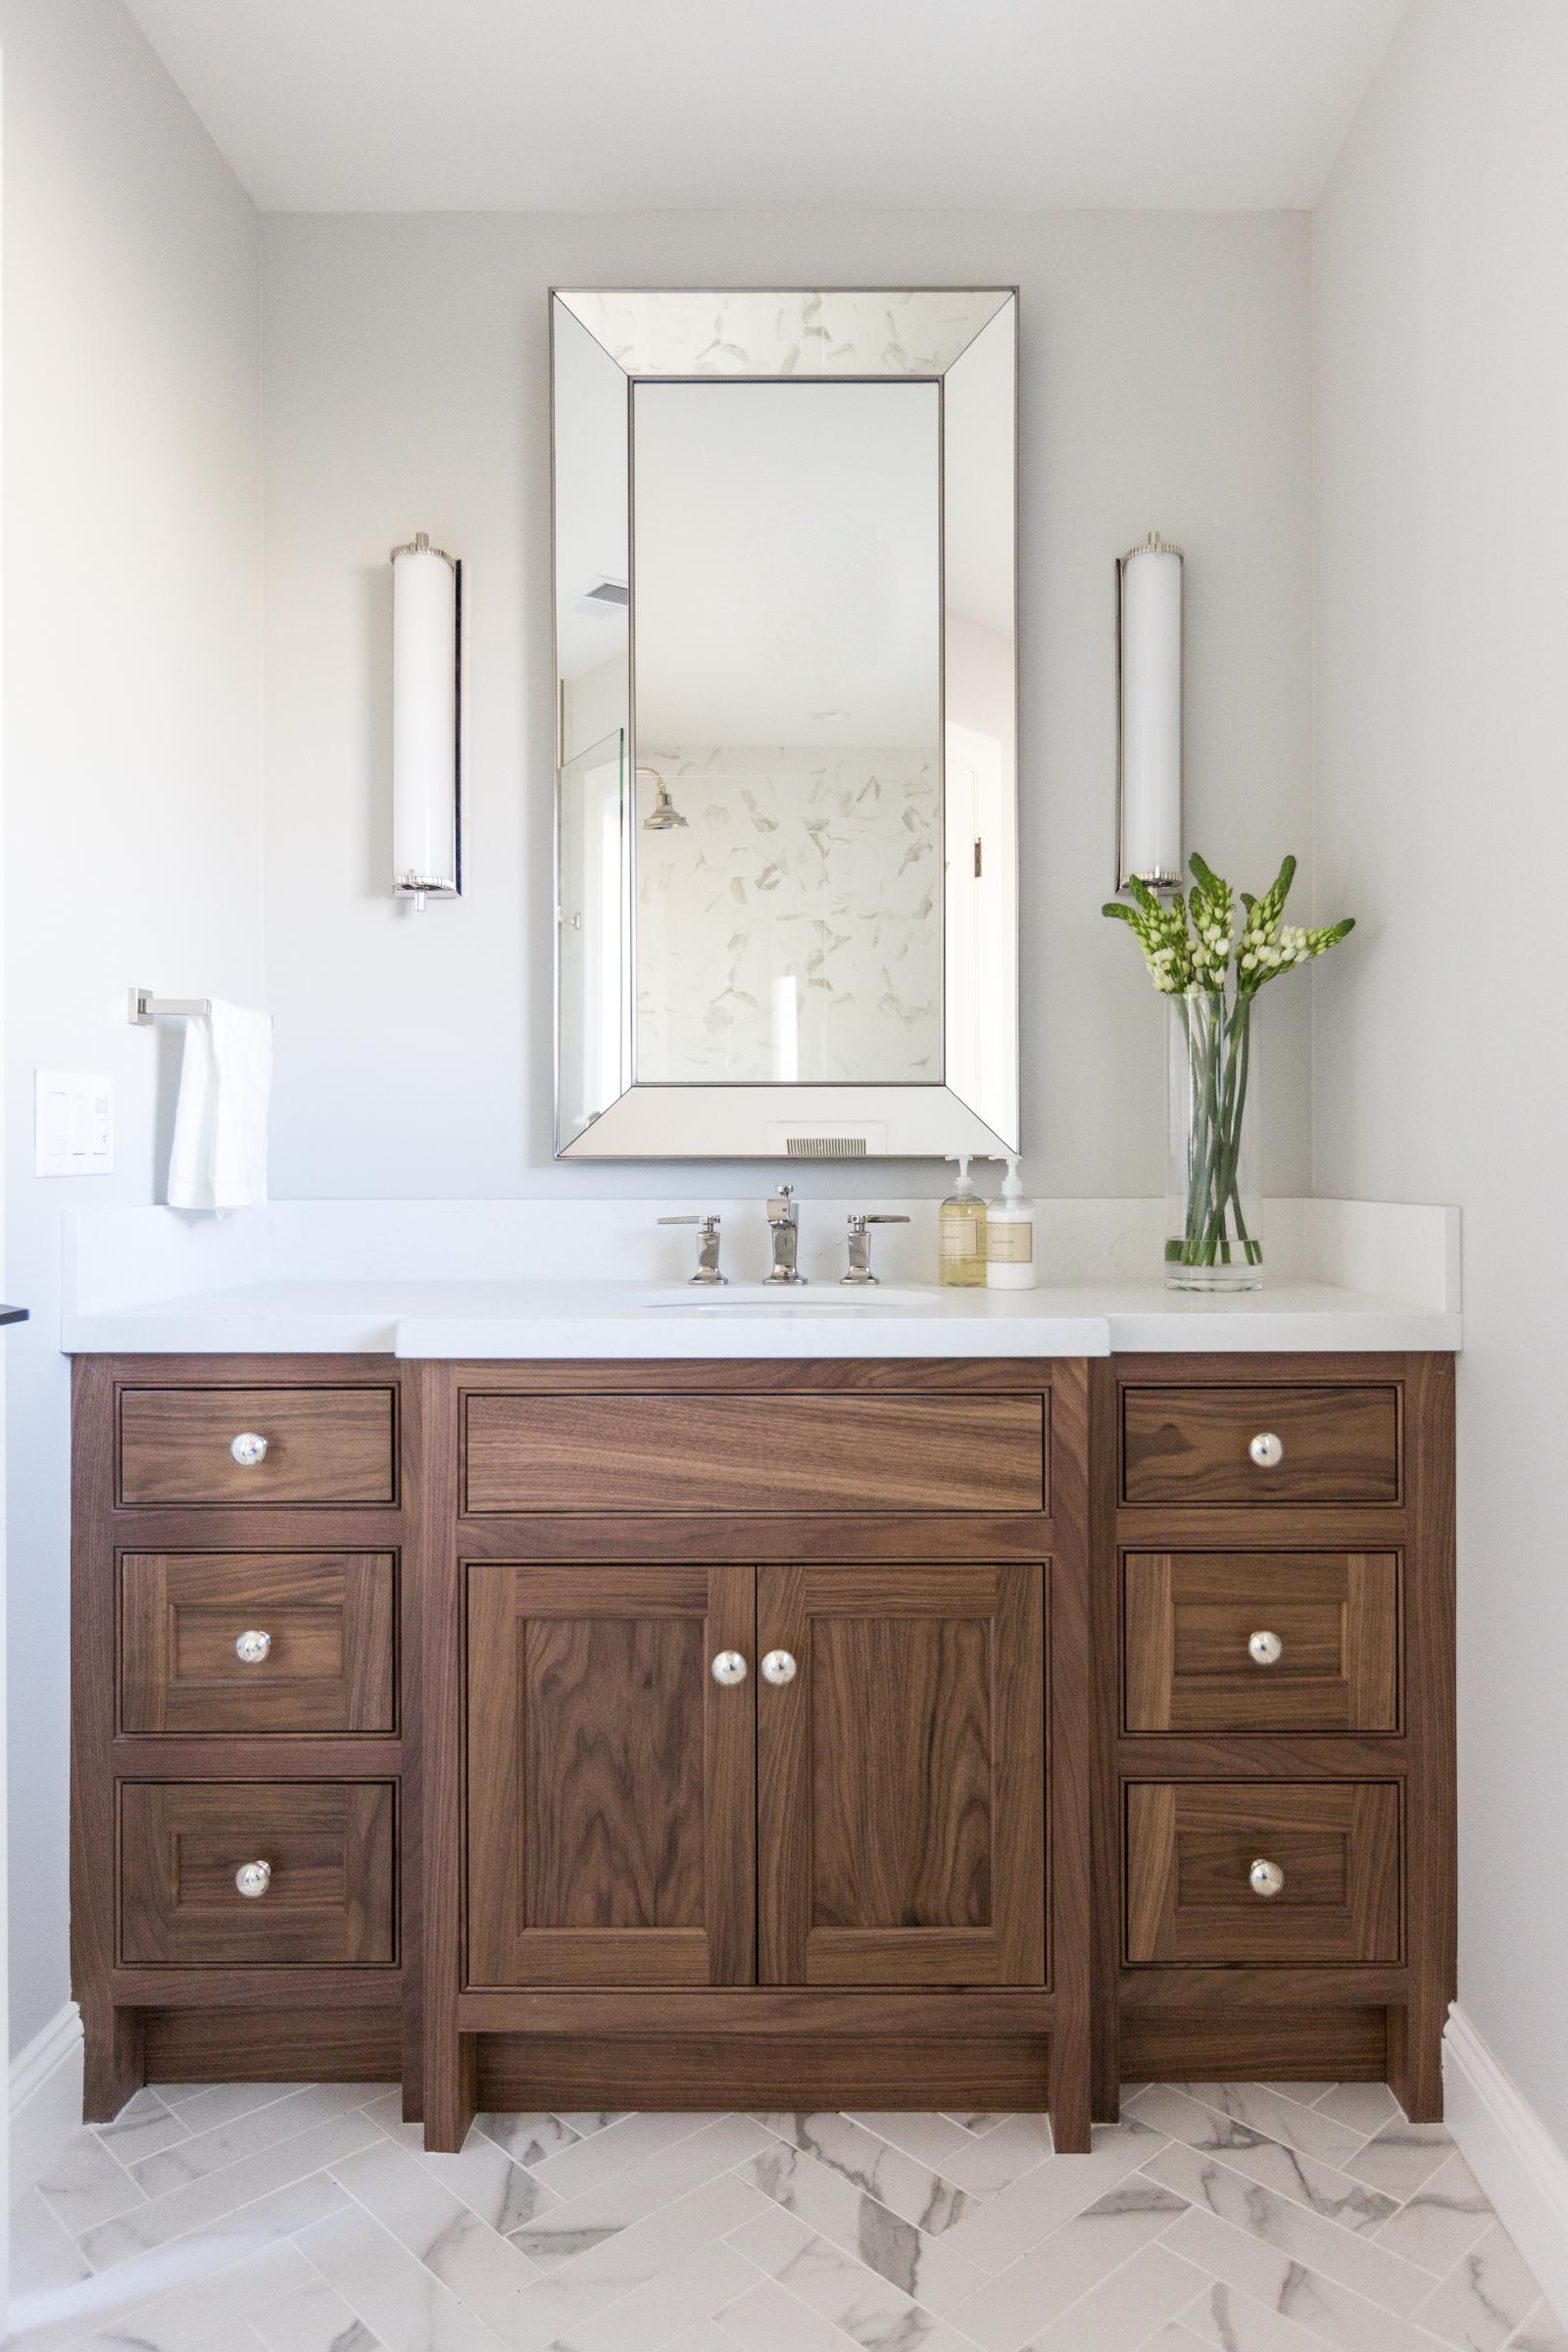 celeste_bathrooms-21.jpg